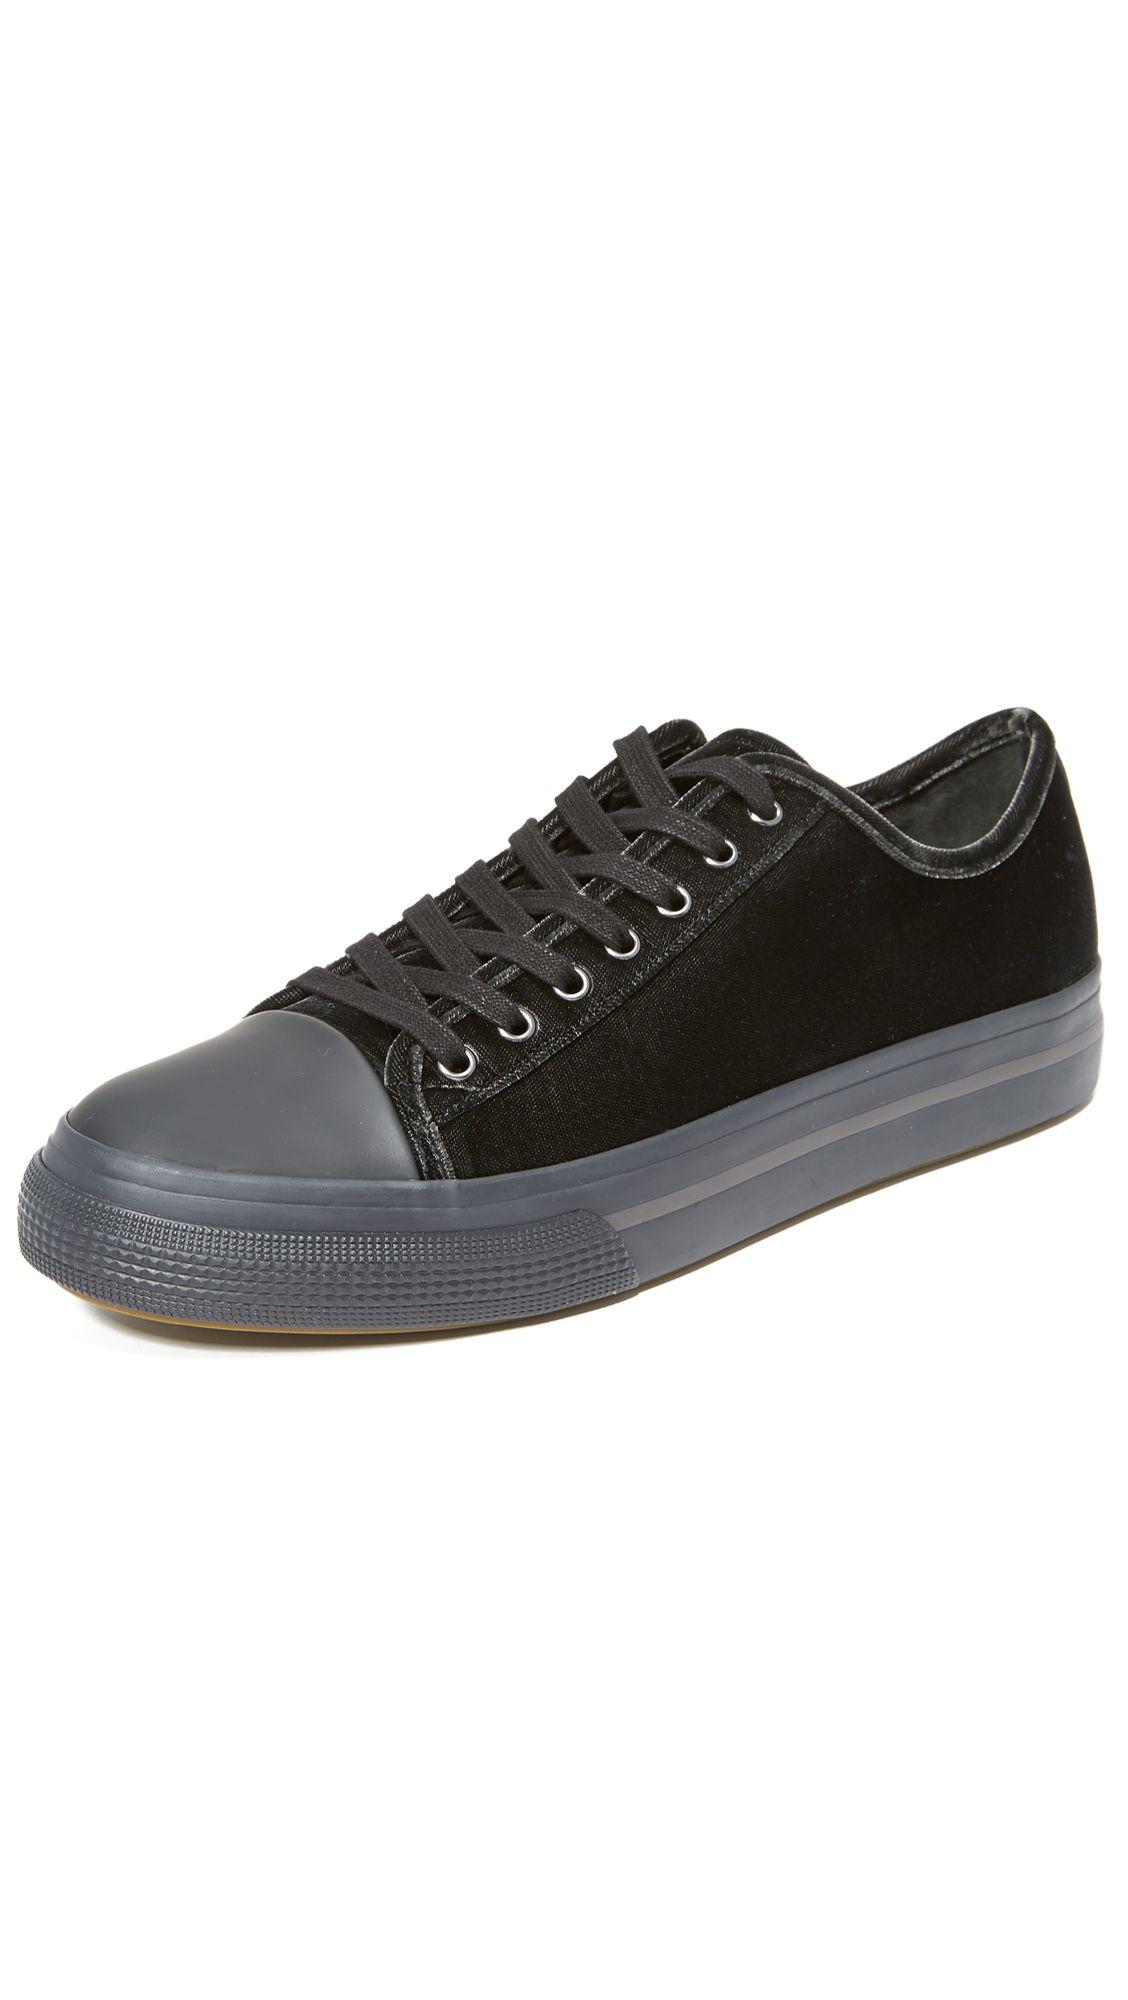 Spielraum Billig Echt VINCE Sneaker low steel blue Online Shop ...